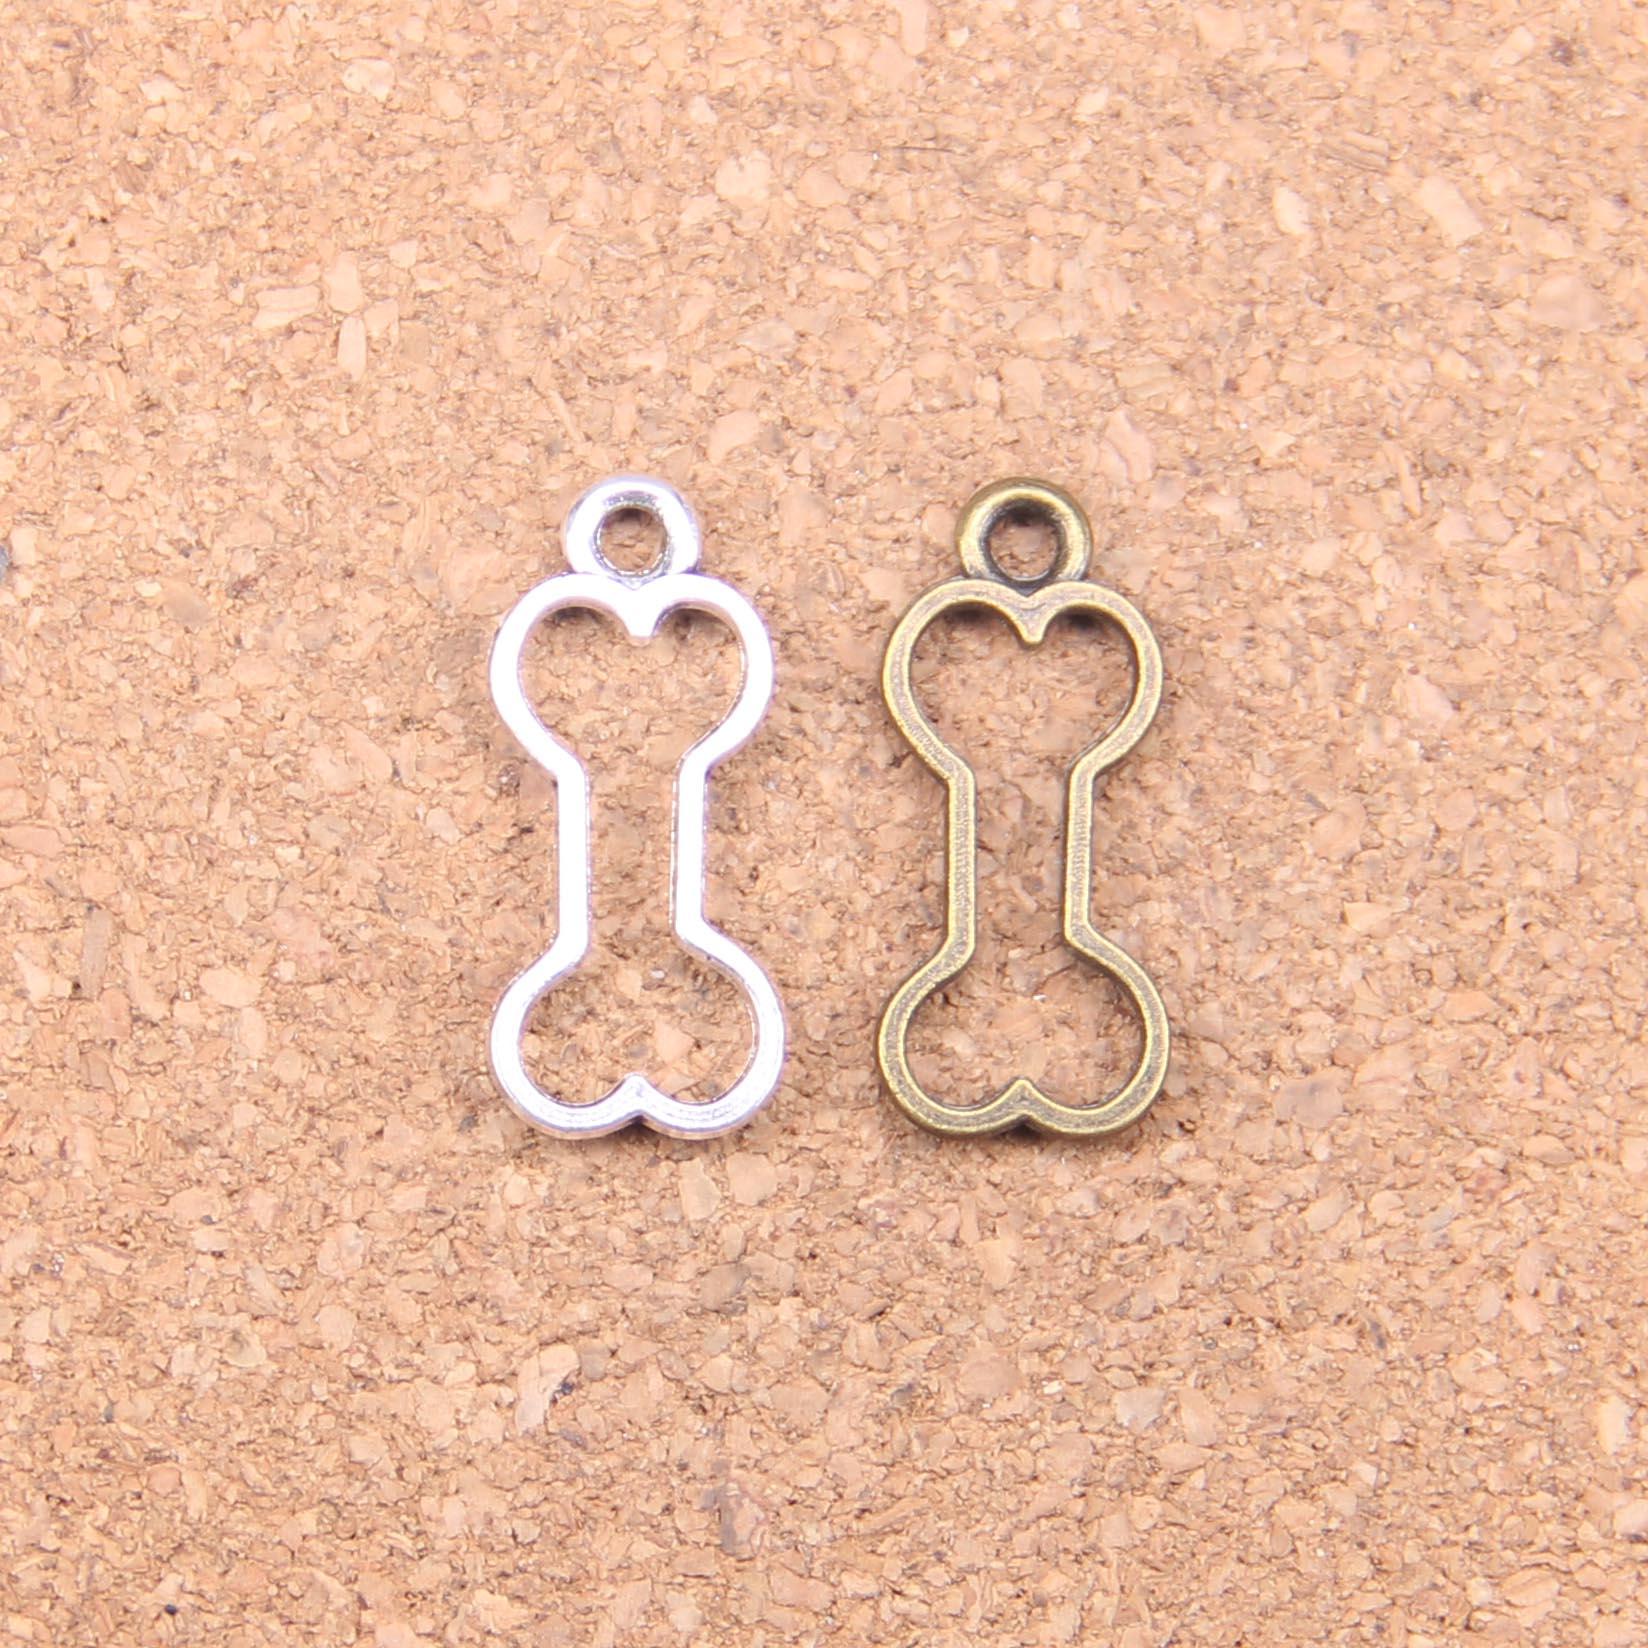 145 pièces breloques creux chien os 25x11mm pendentifs antiques, bijoux en argent tibétain Vintage, bricolage pour bracelet collier